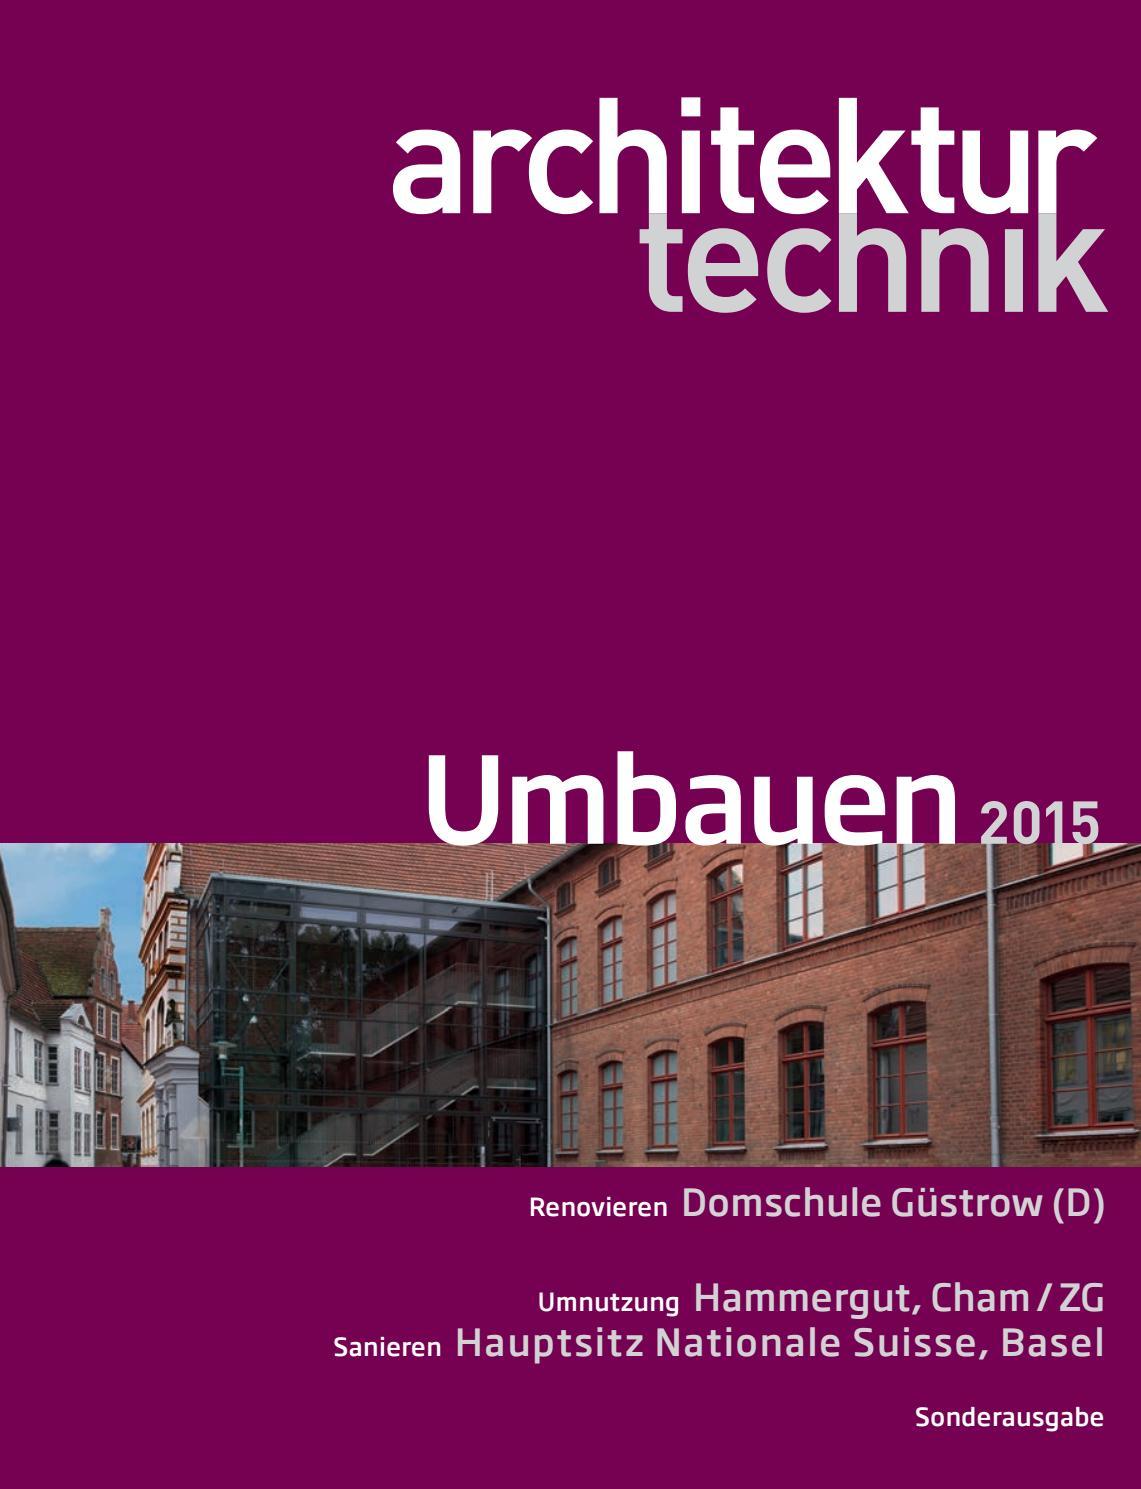 Architektur+Technik Umbauen 2015 by BL Verlag AG - issuu